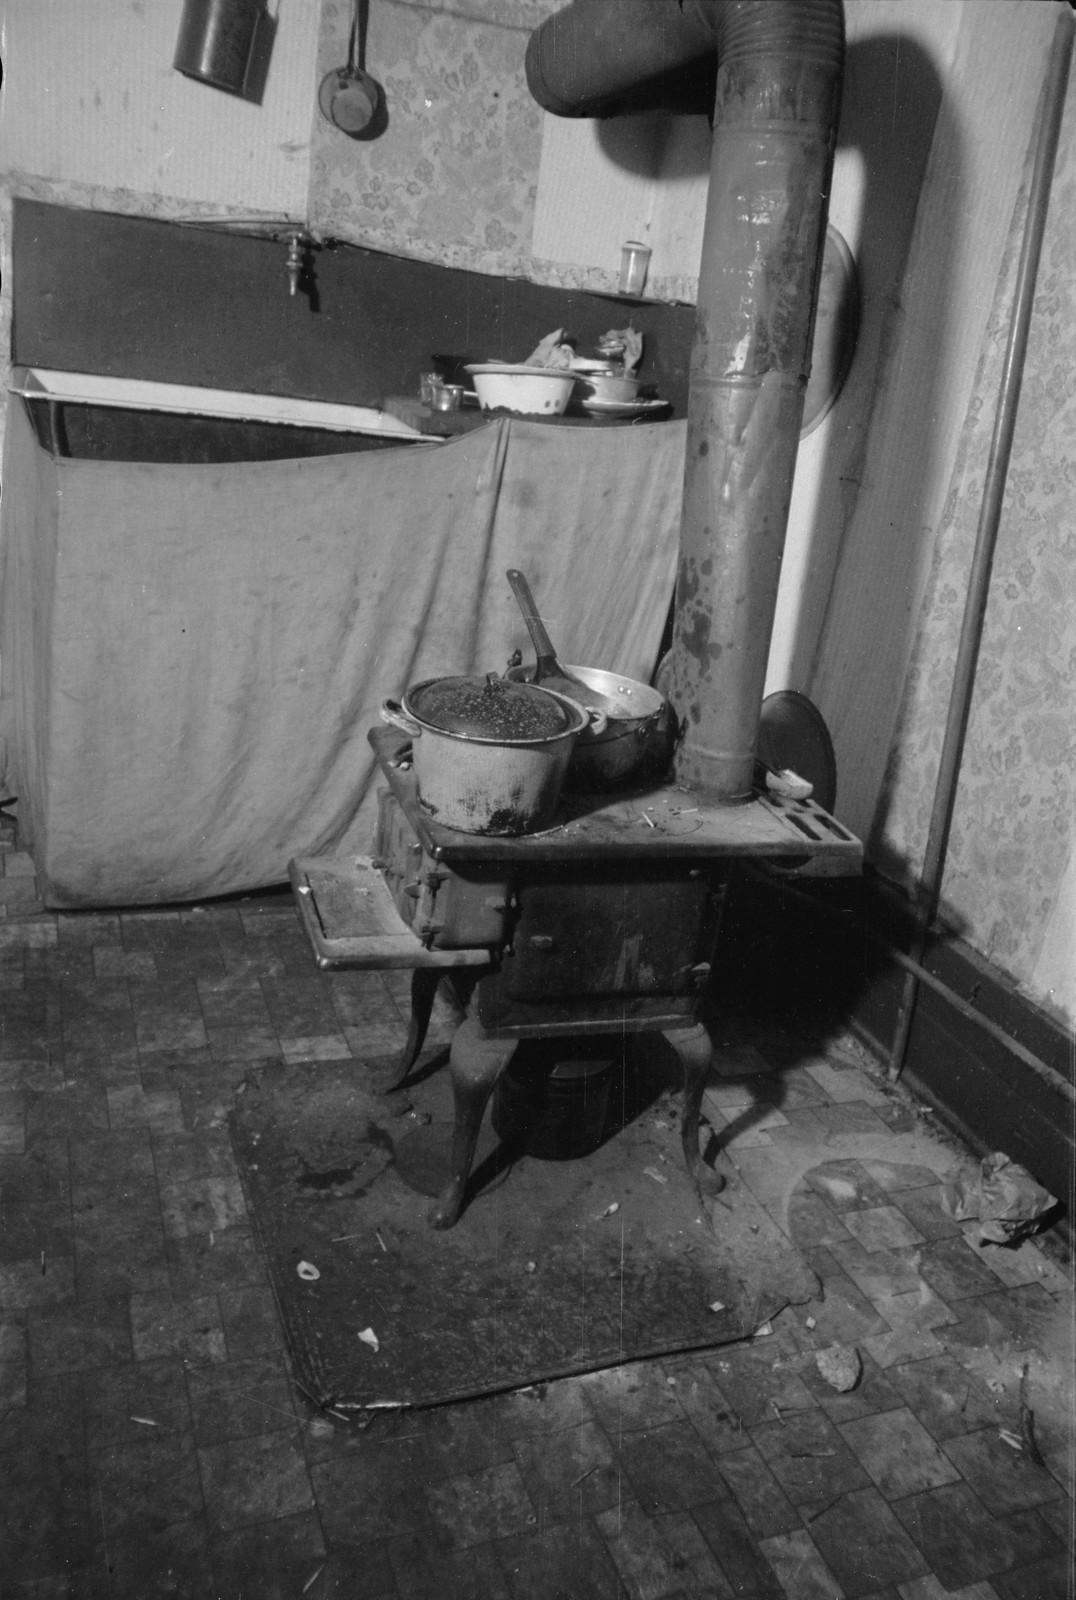 20. Кухня в многоквартирном доме, округ Гамильтой, Огайо